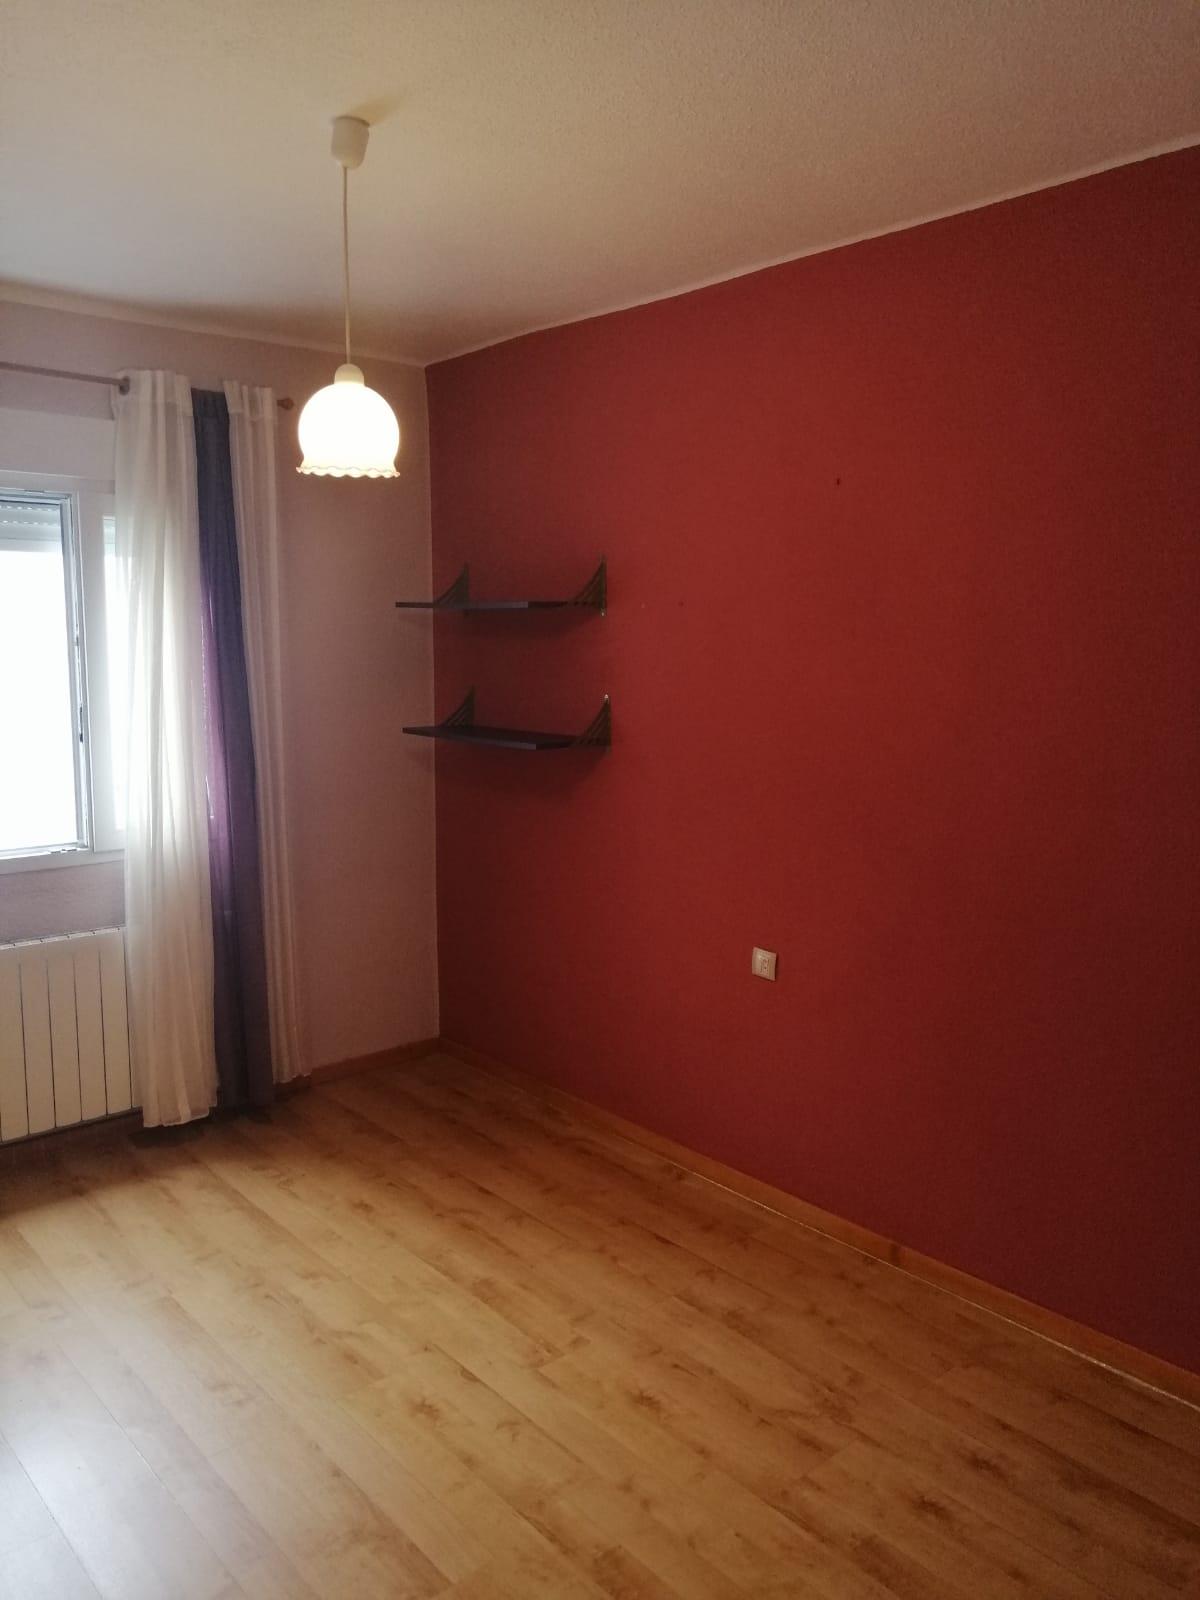 Piso de tres dormitorios junto a corte inglés (REF: 53) - foto 20 71b51f33-1771-4f51-8a35-dcd97f2b2919.jpg